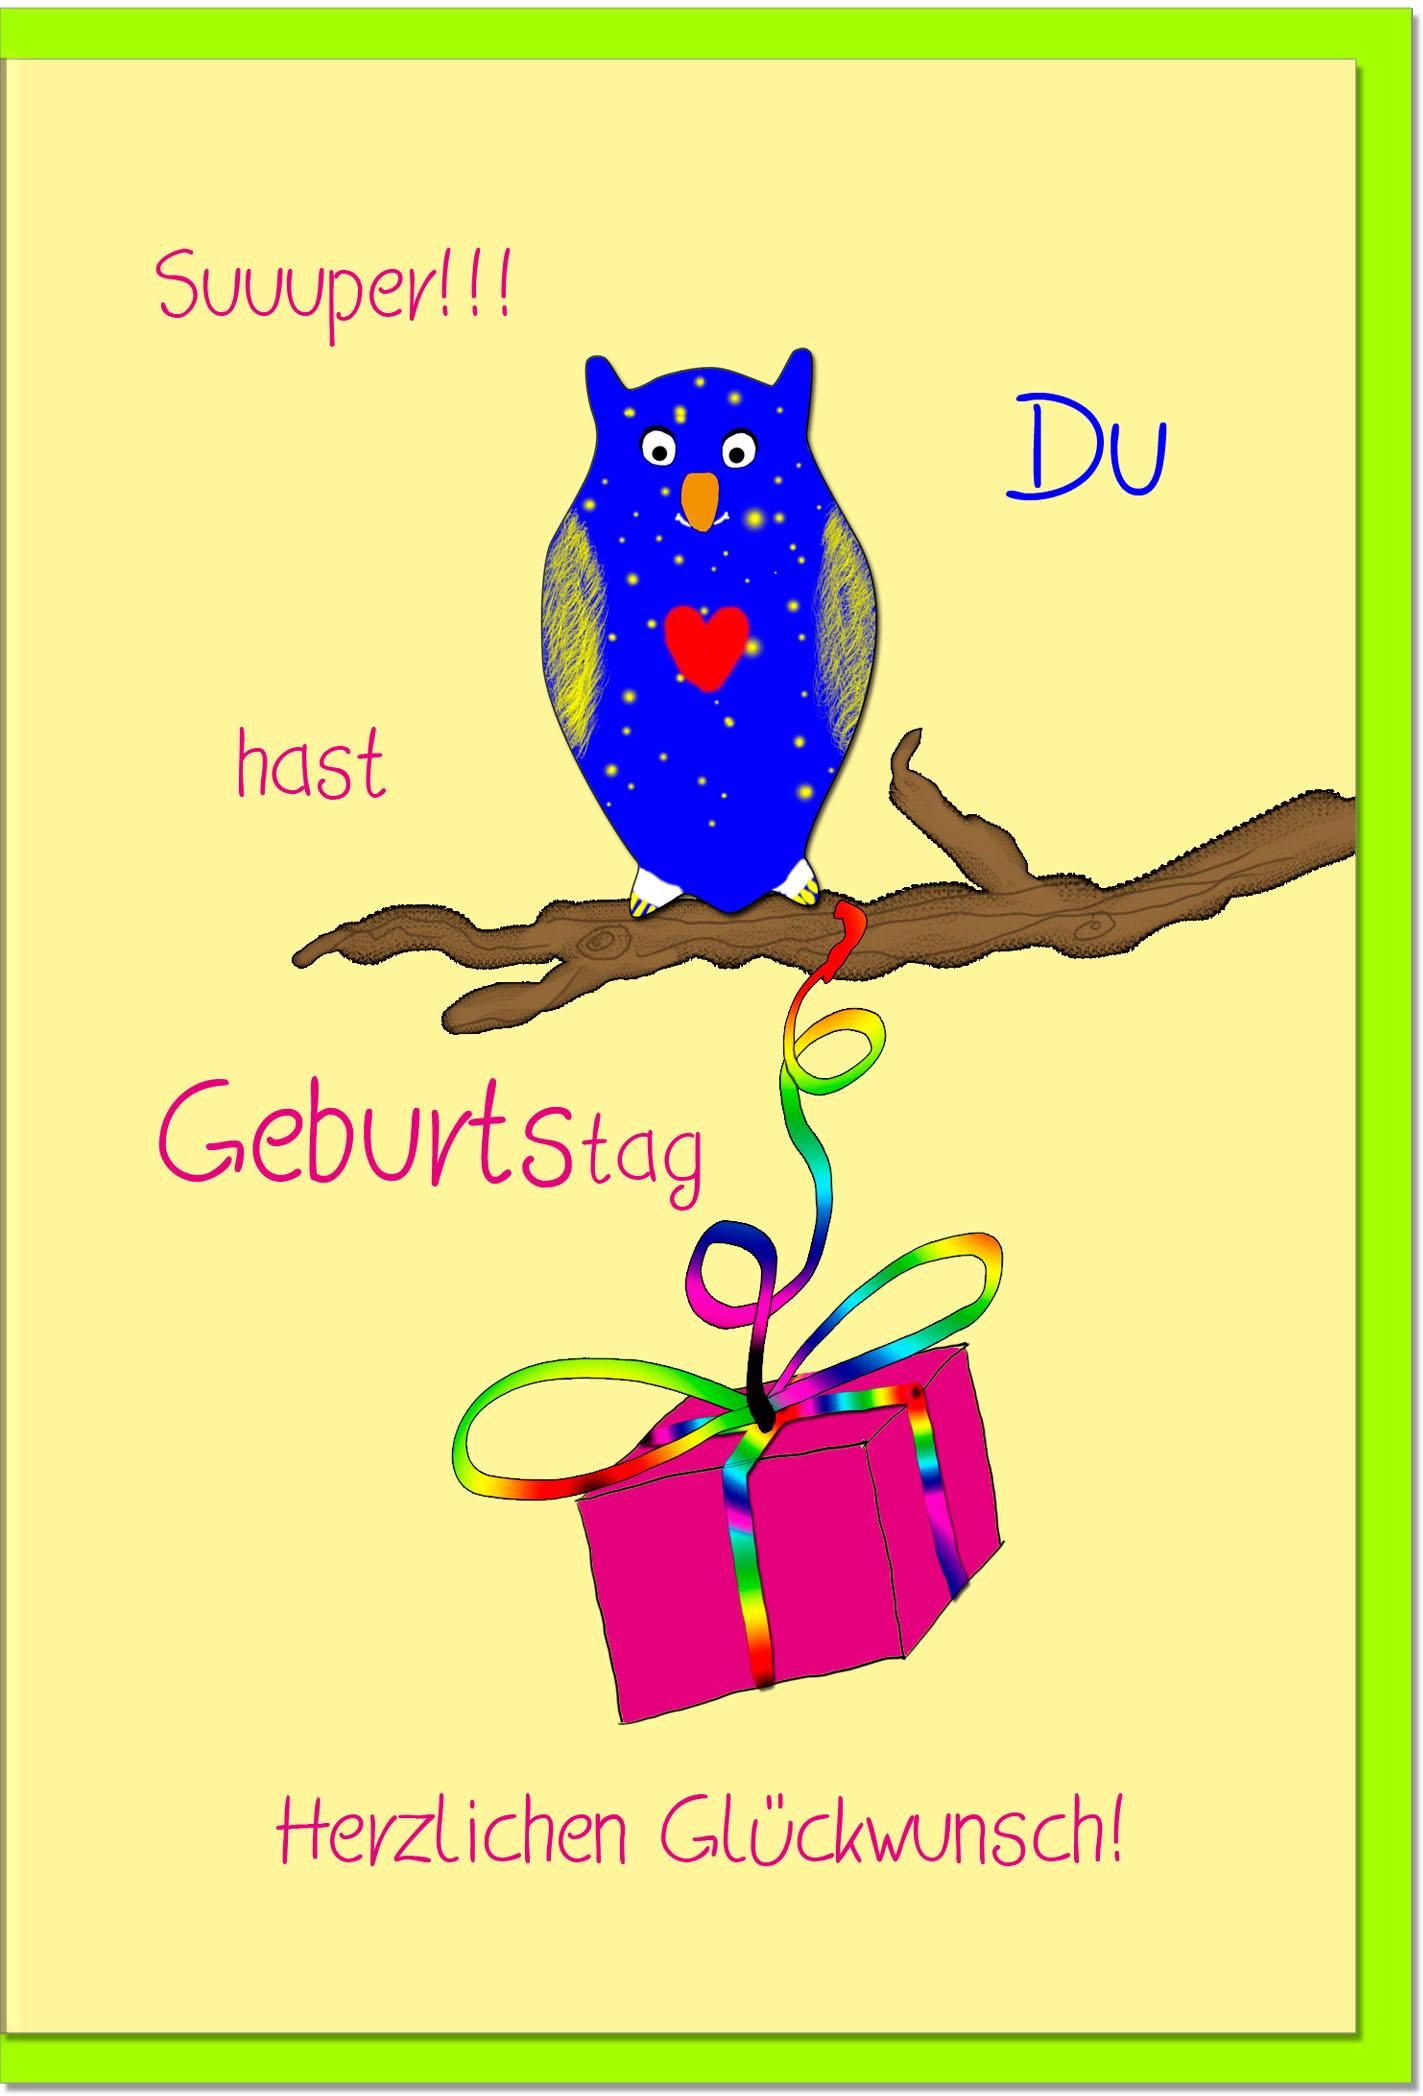 Geburtstagskarten / Grußkarten /Geburtstag Eule